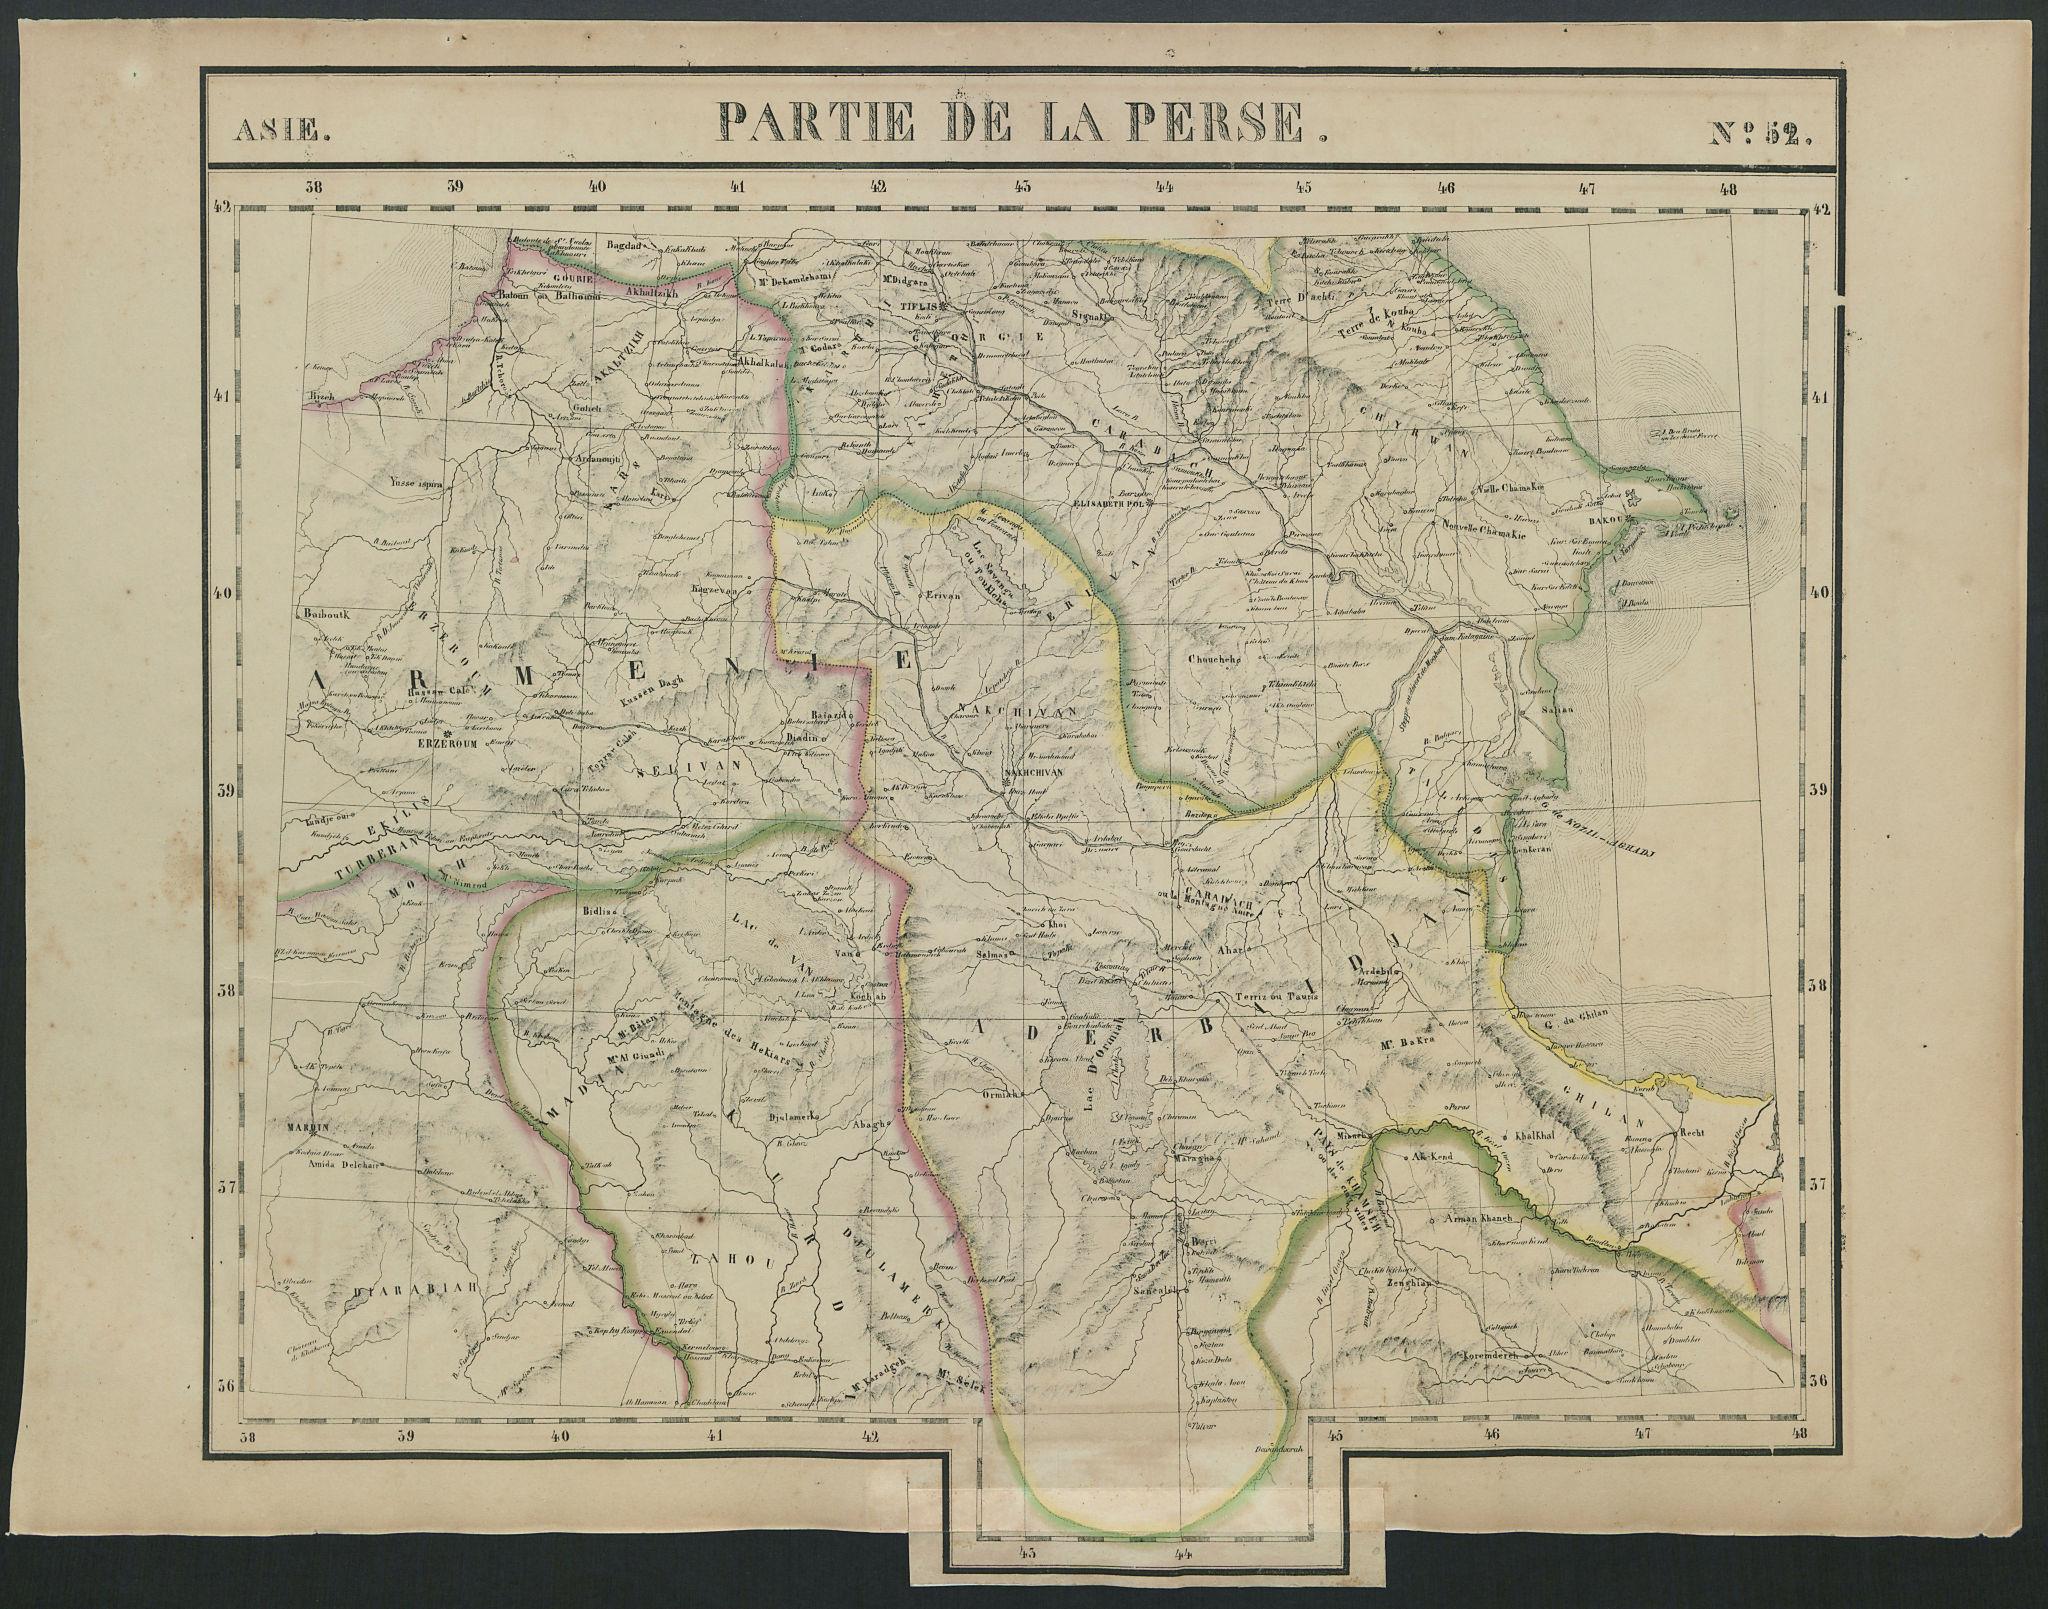 Asie. Partie de la Perse #52 Southern Caucasus Iran Turkey VANDERMAELEN 1827 map